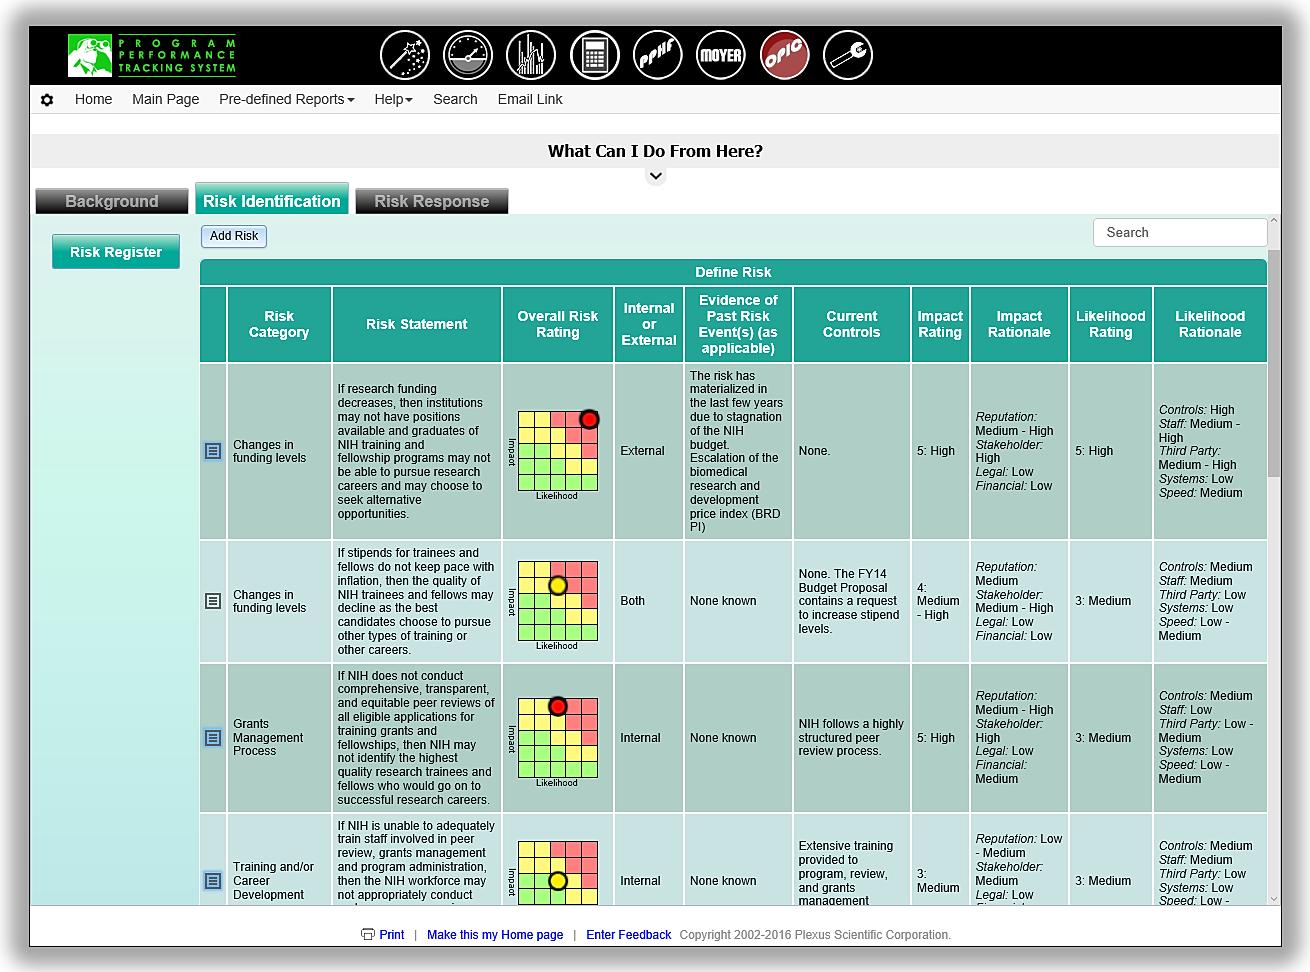 Plexus Scientific Corporation Sample Risk Register